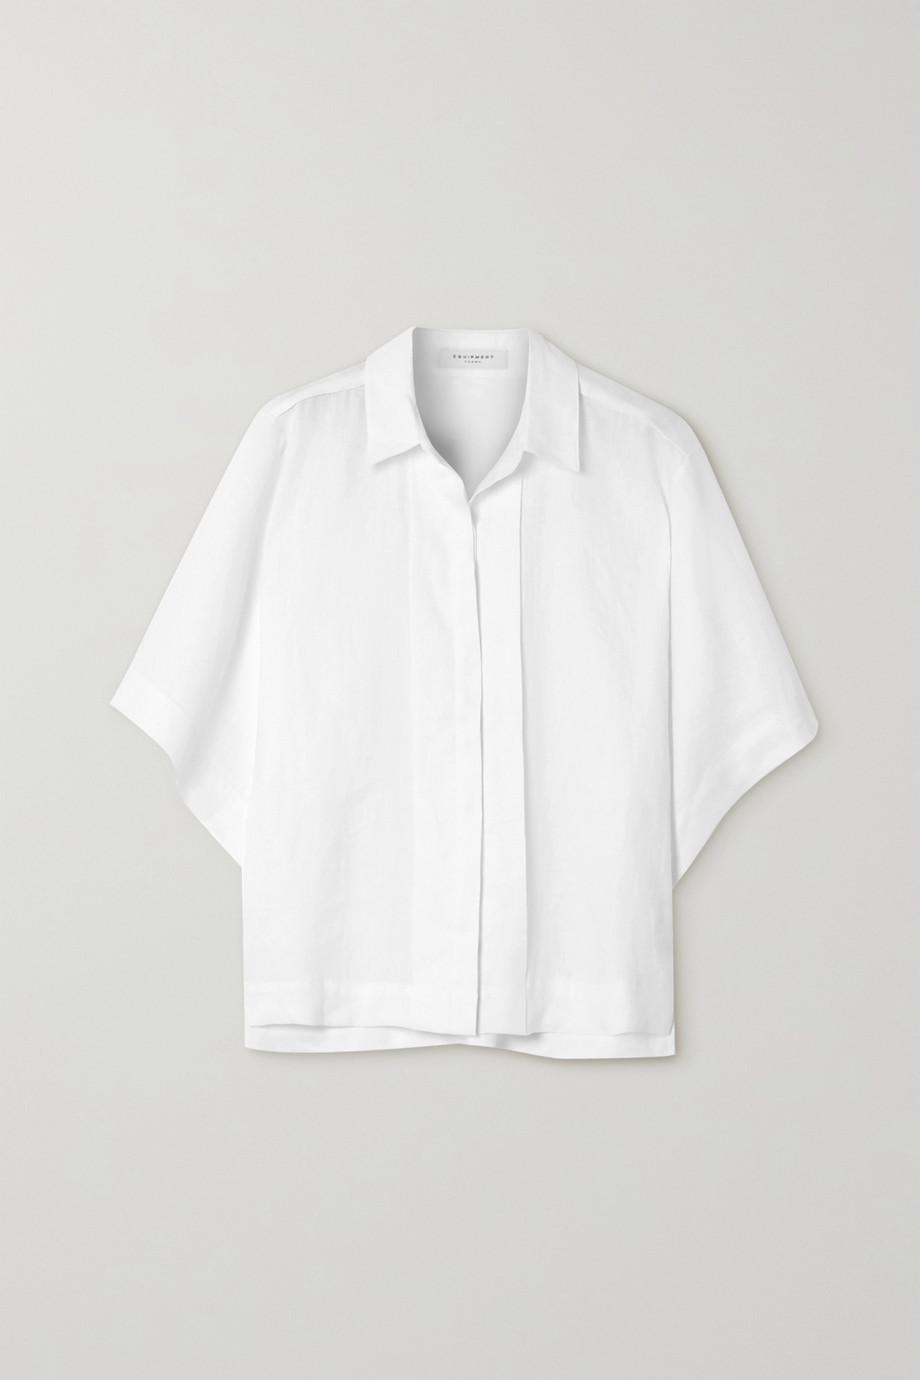 EQUIPMENT Chaney linen shirt